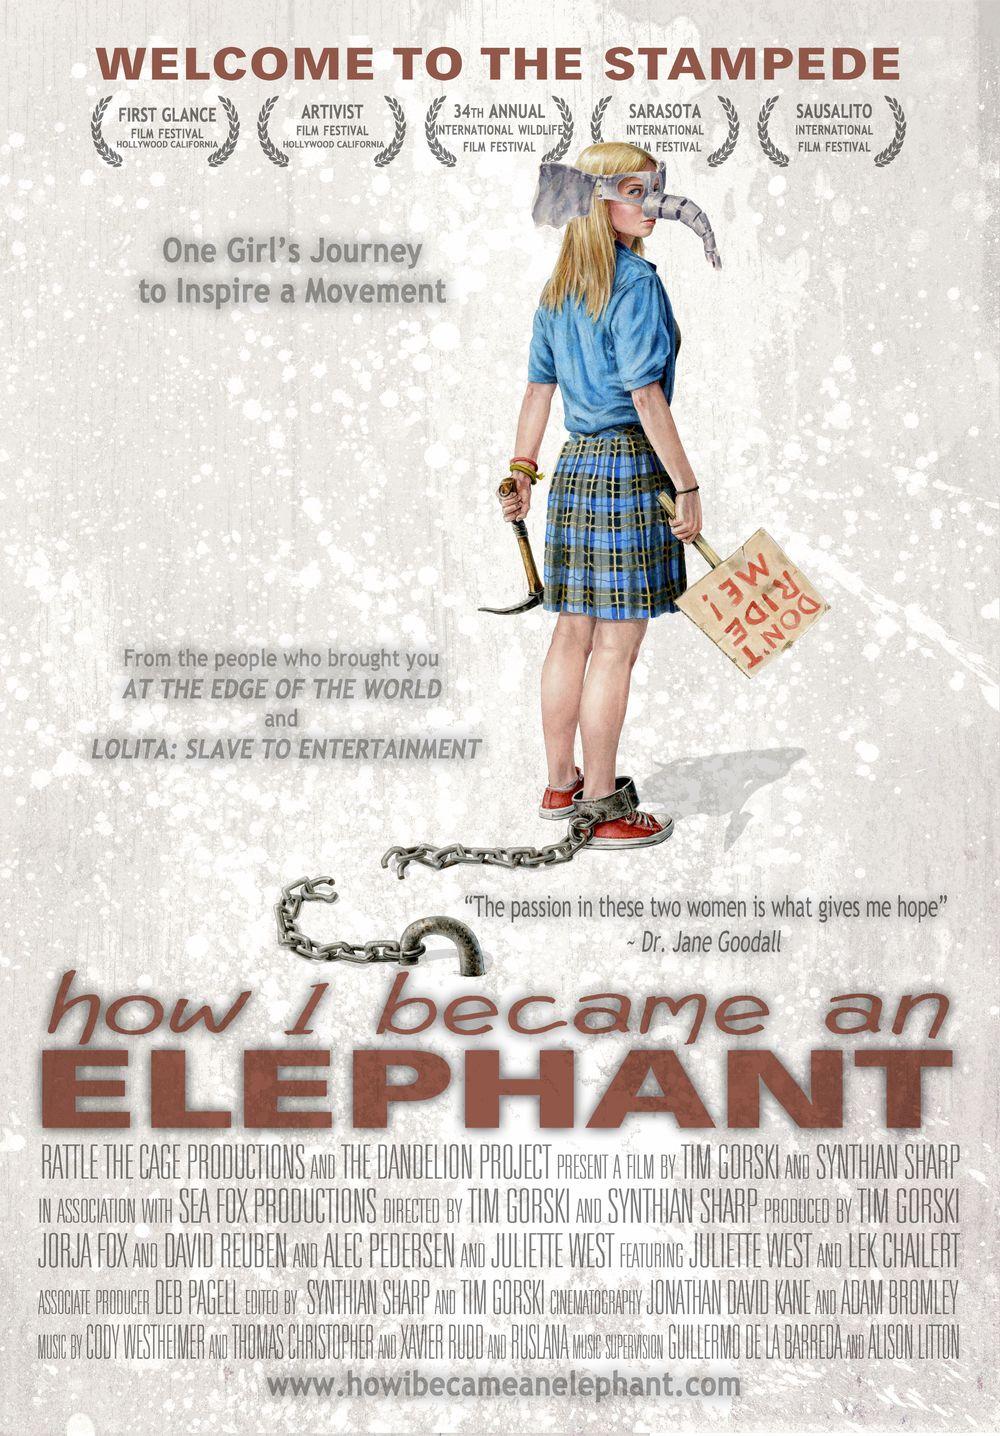 howibecameanelephant.com